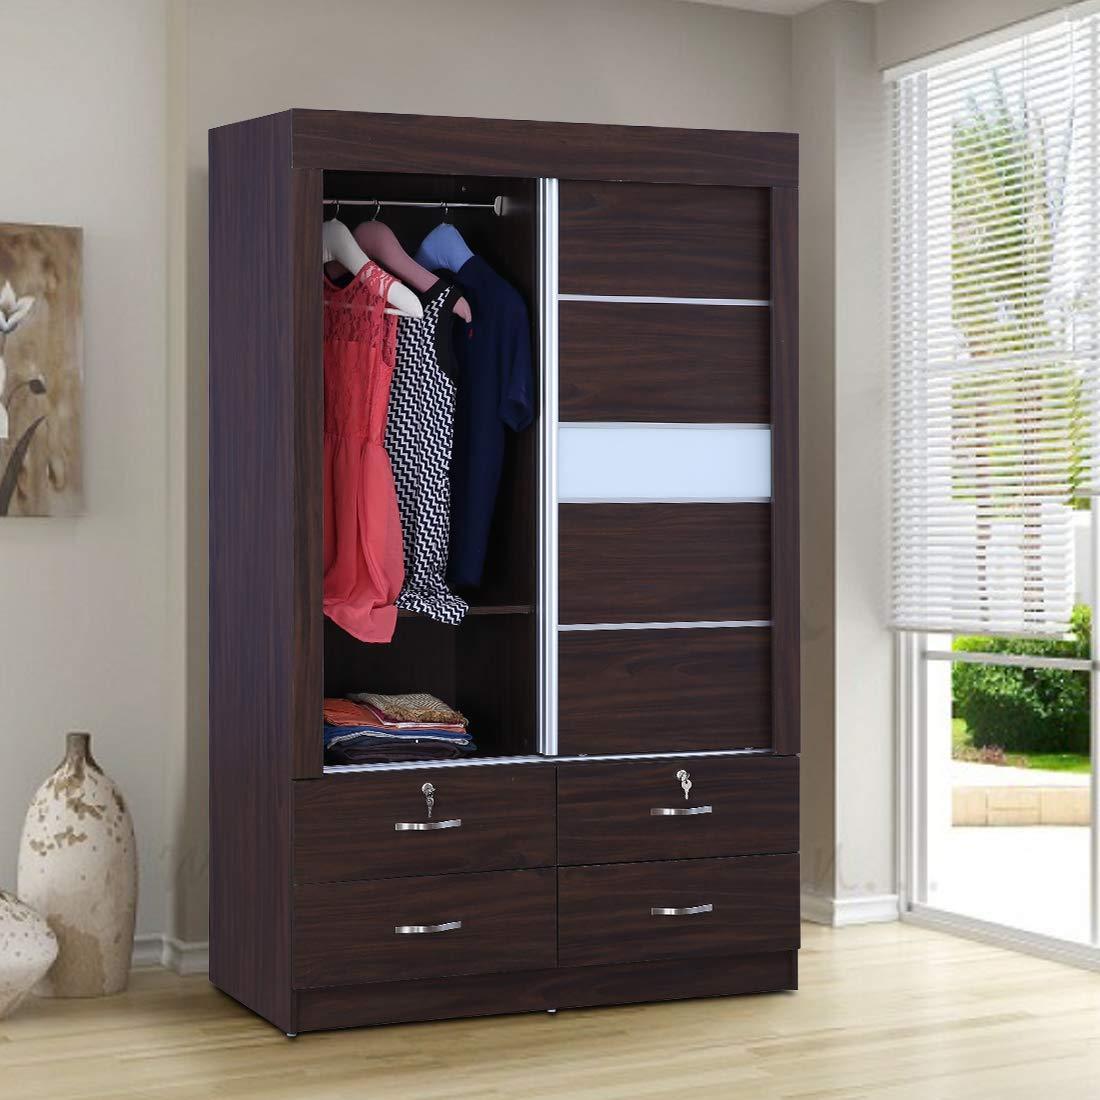 best sliding wardrobe